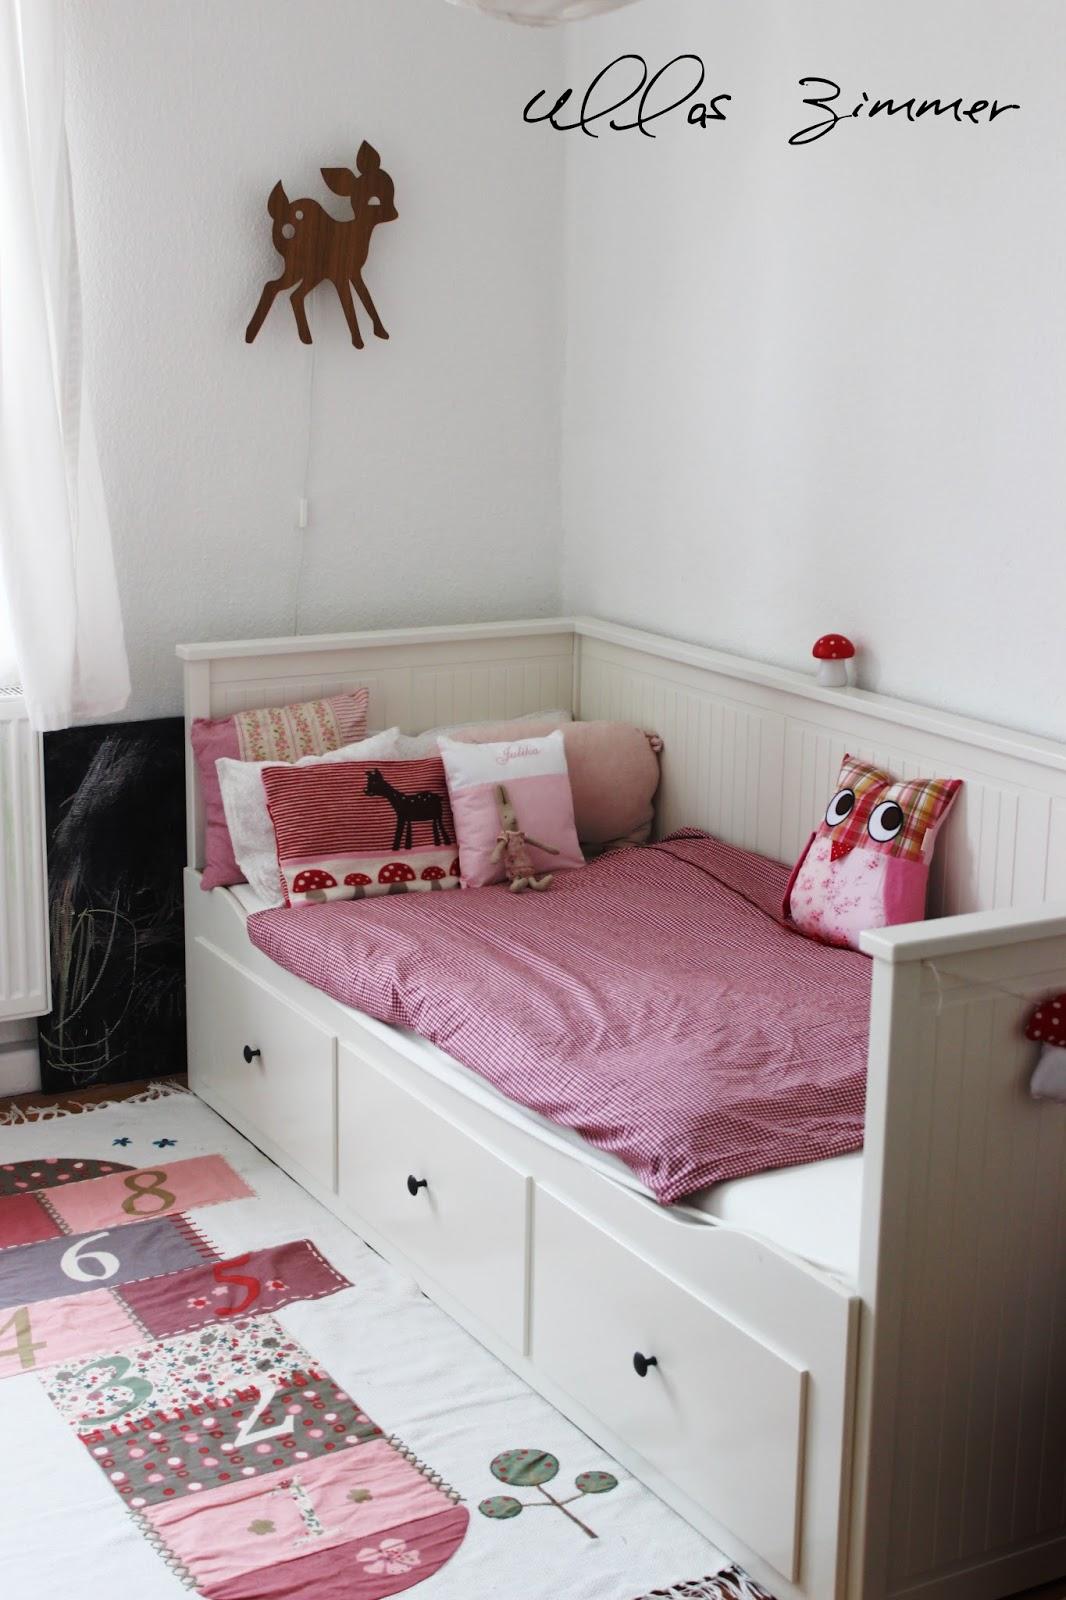 dekoration wohnzimmer bilder. Black Bedroom Furniture Sets. Home Design Ideas